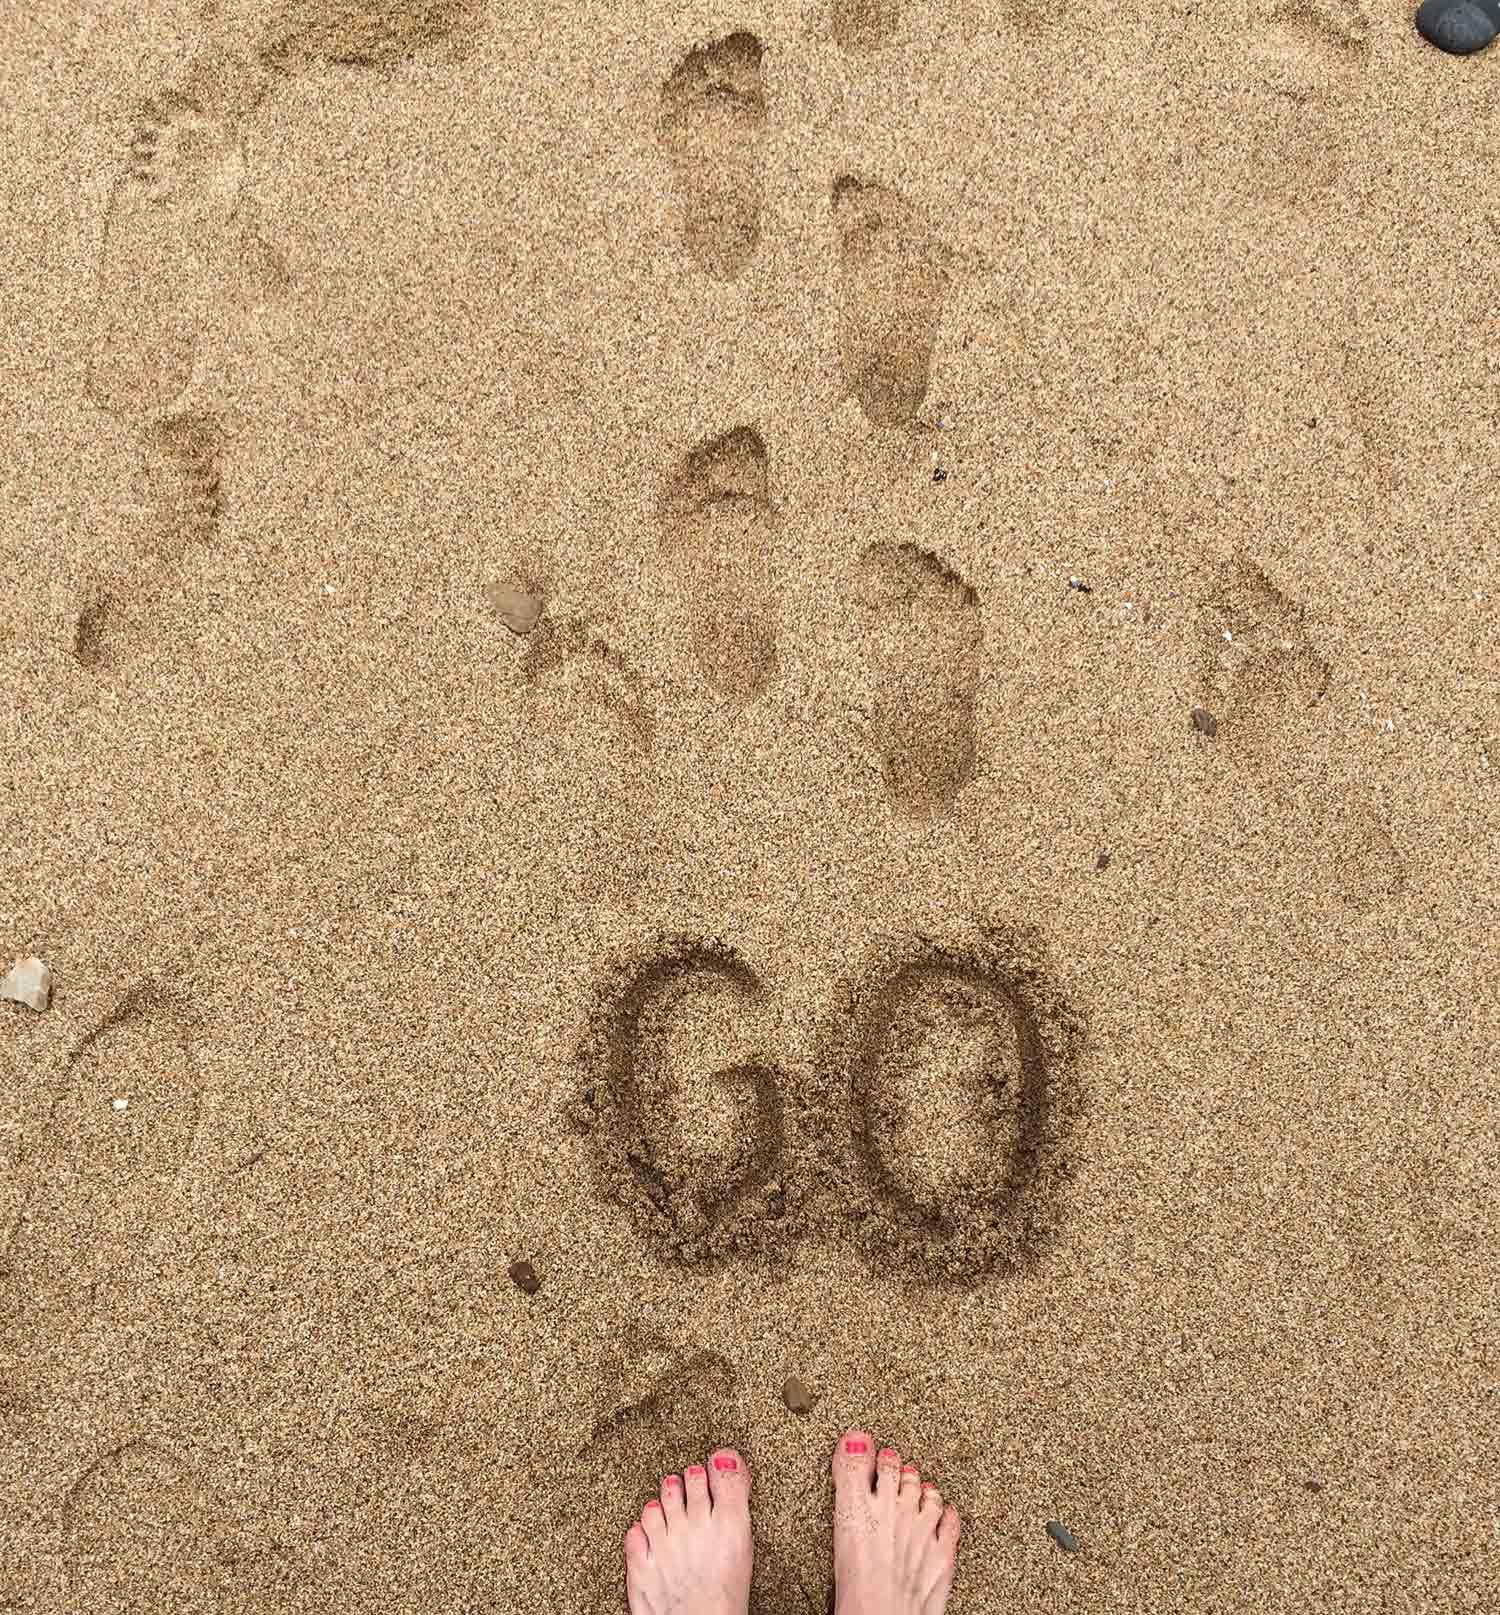 GO_OPT.jpg